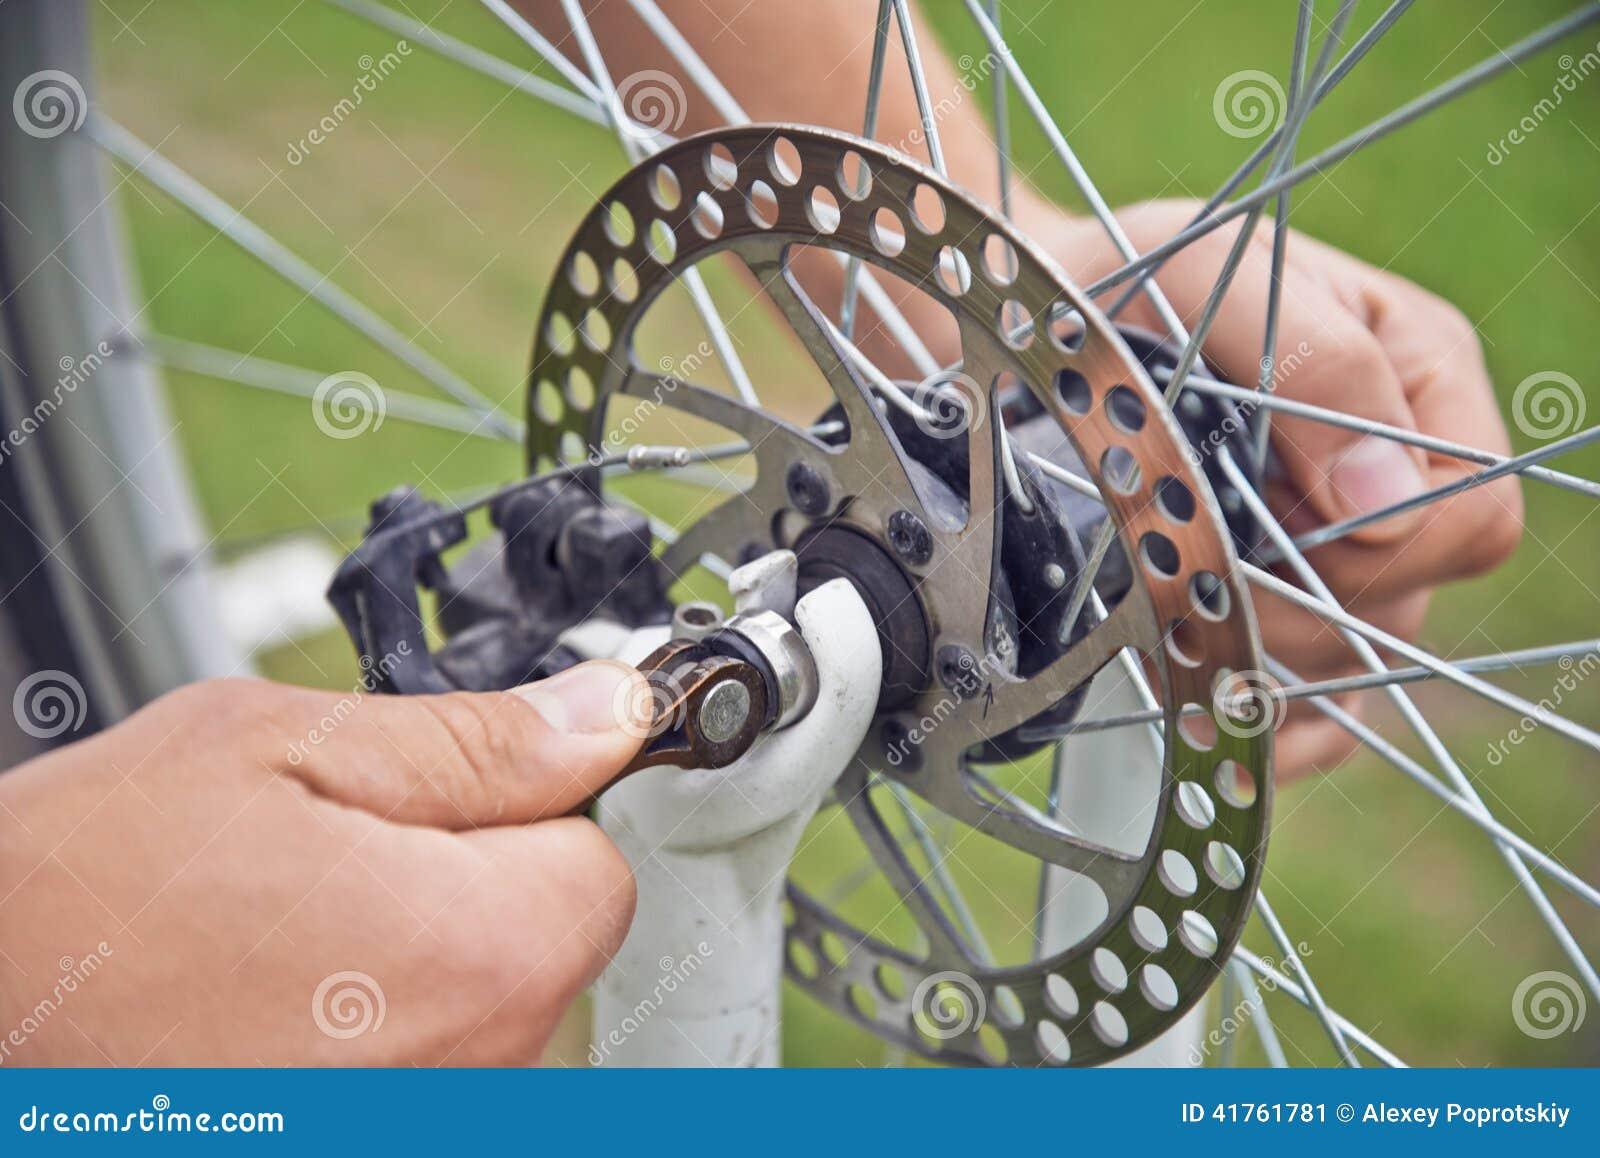 Mancyklisten kontrollerar bromshjulet av cykeln